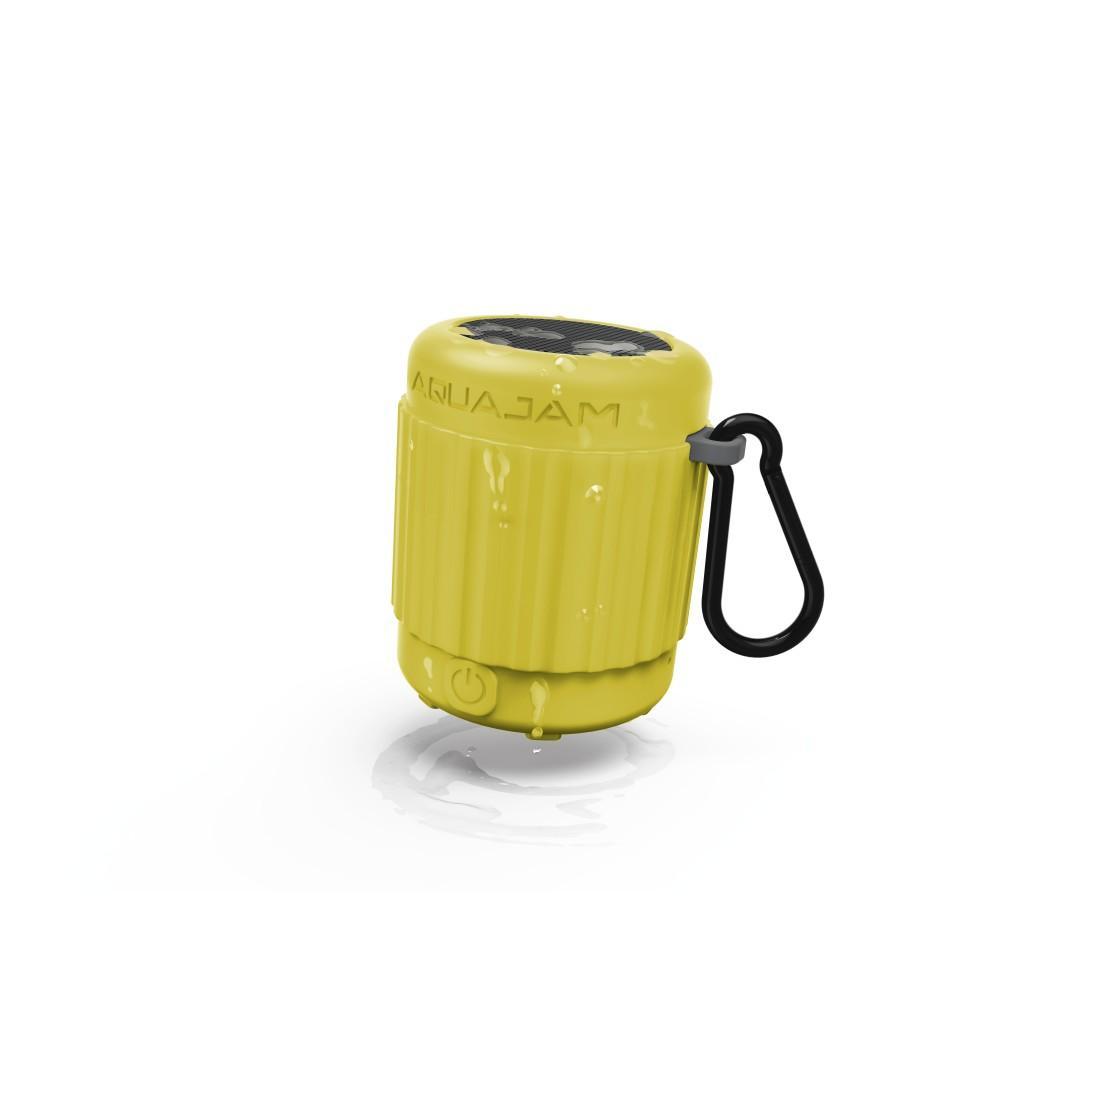 Блутут мобилна колонка HAMA Aqua Jam, Жълт